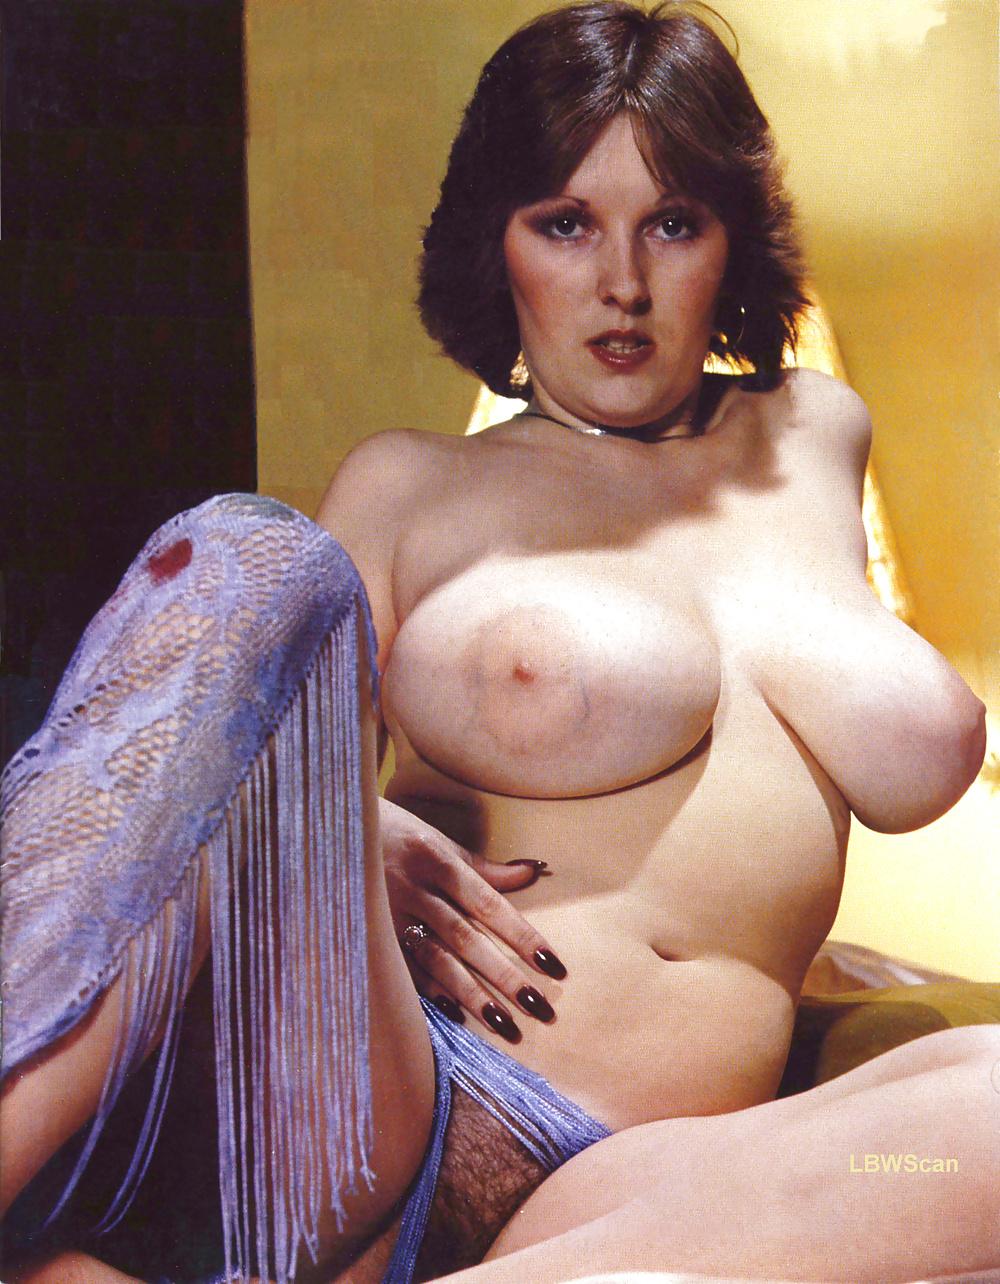 Vintage boobs big Retrospace: The